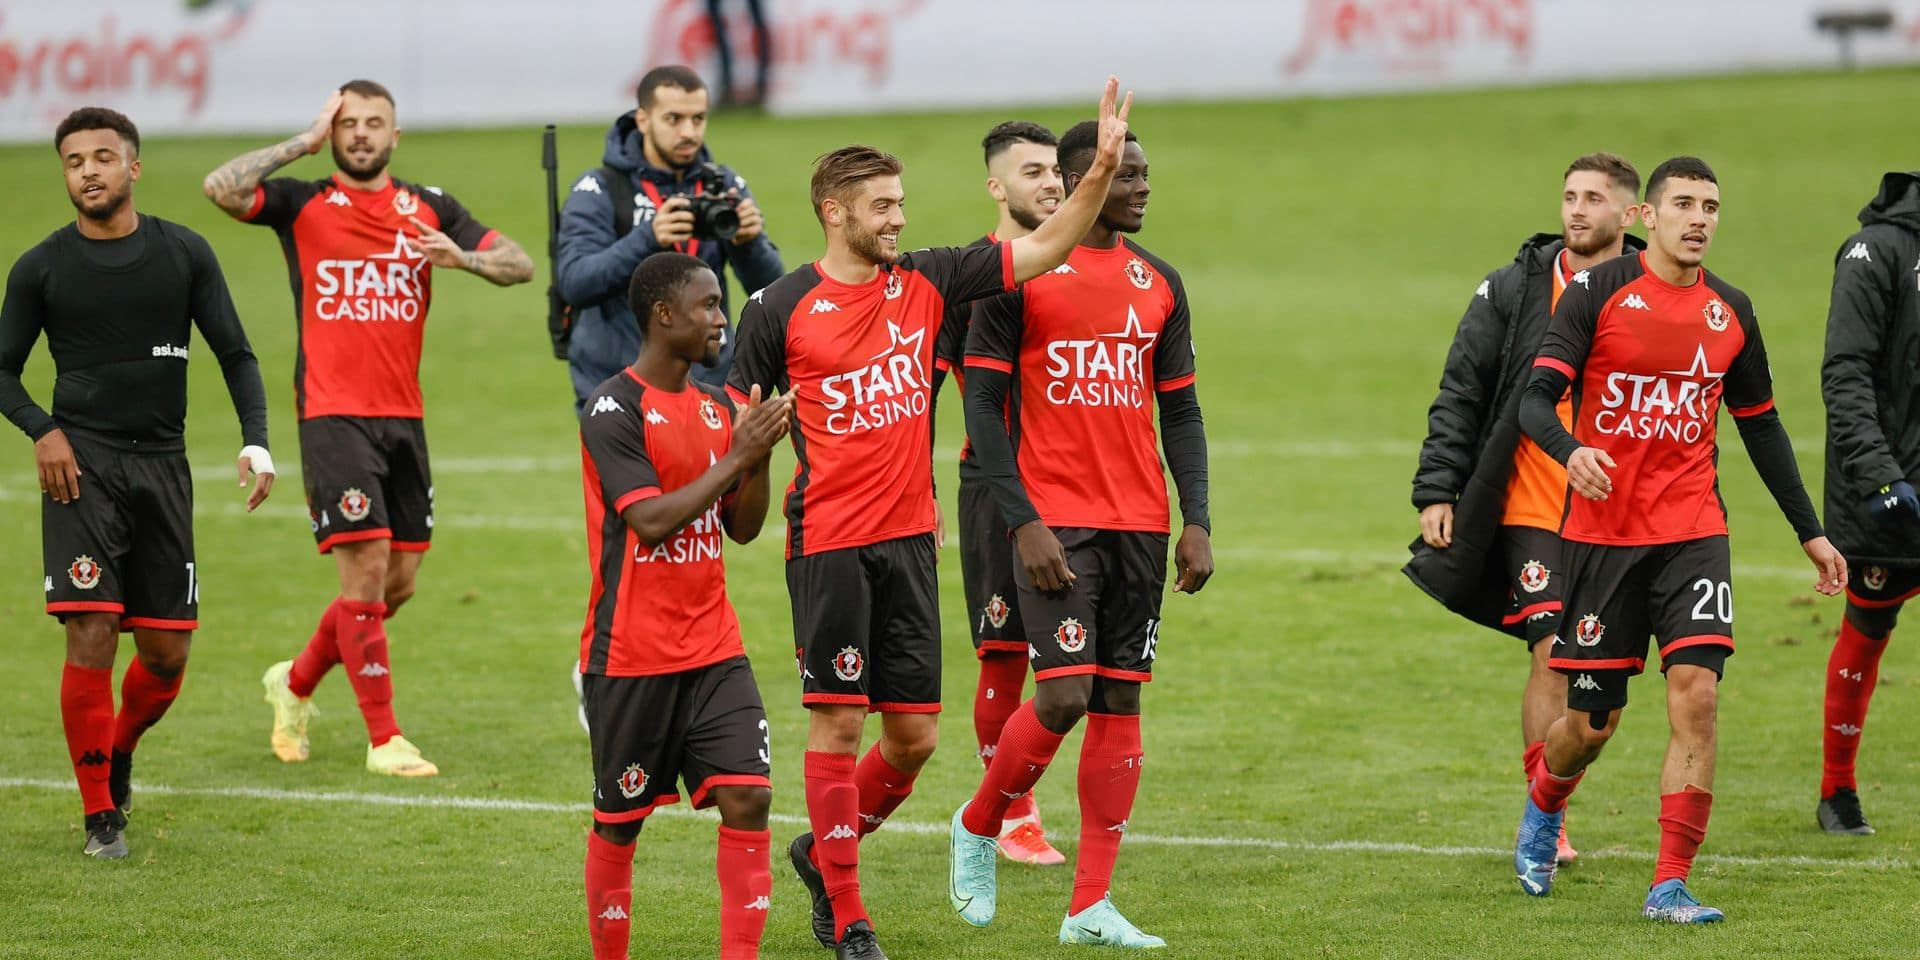 Jupiler Pro League : Seraing cartonne face à Zulte Waregem (5-1)